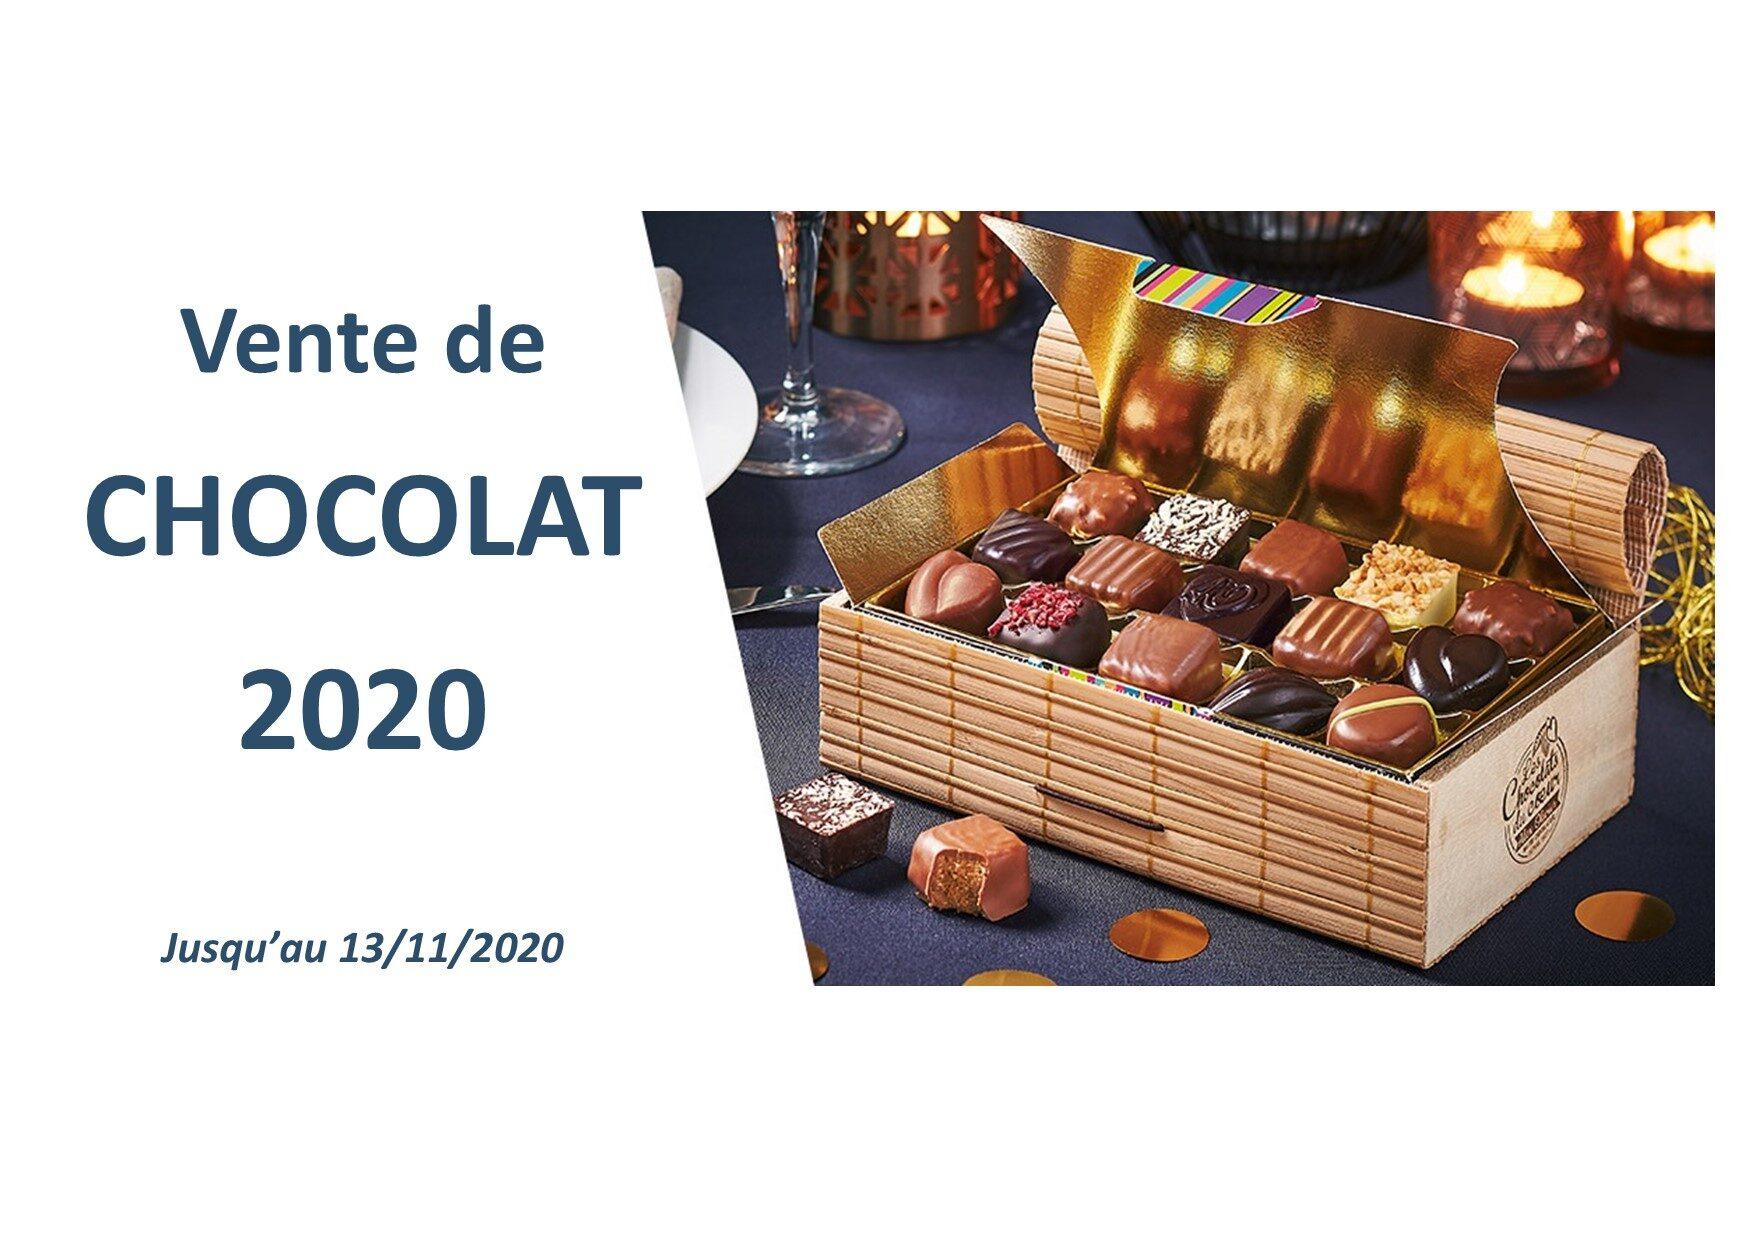 vente de chocolat 2020.jpg